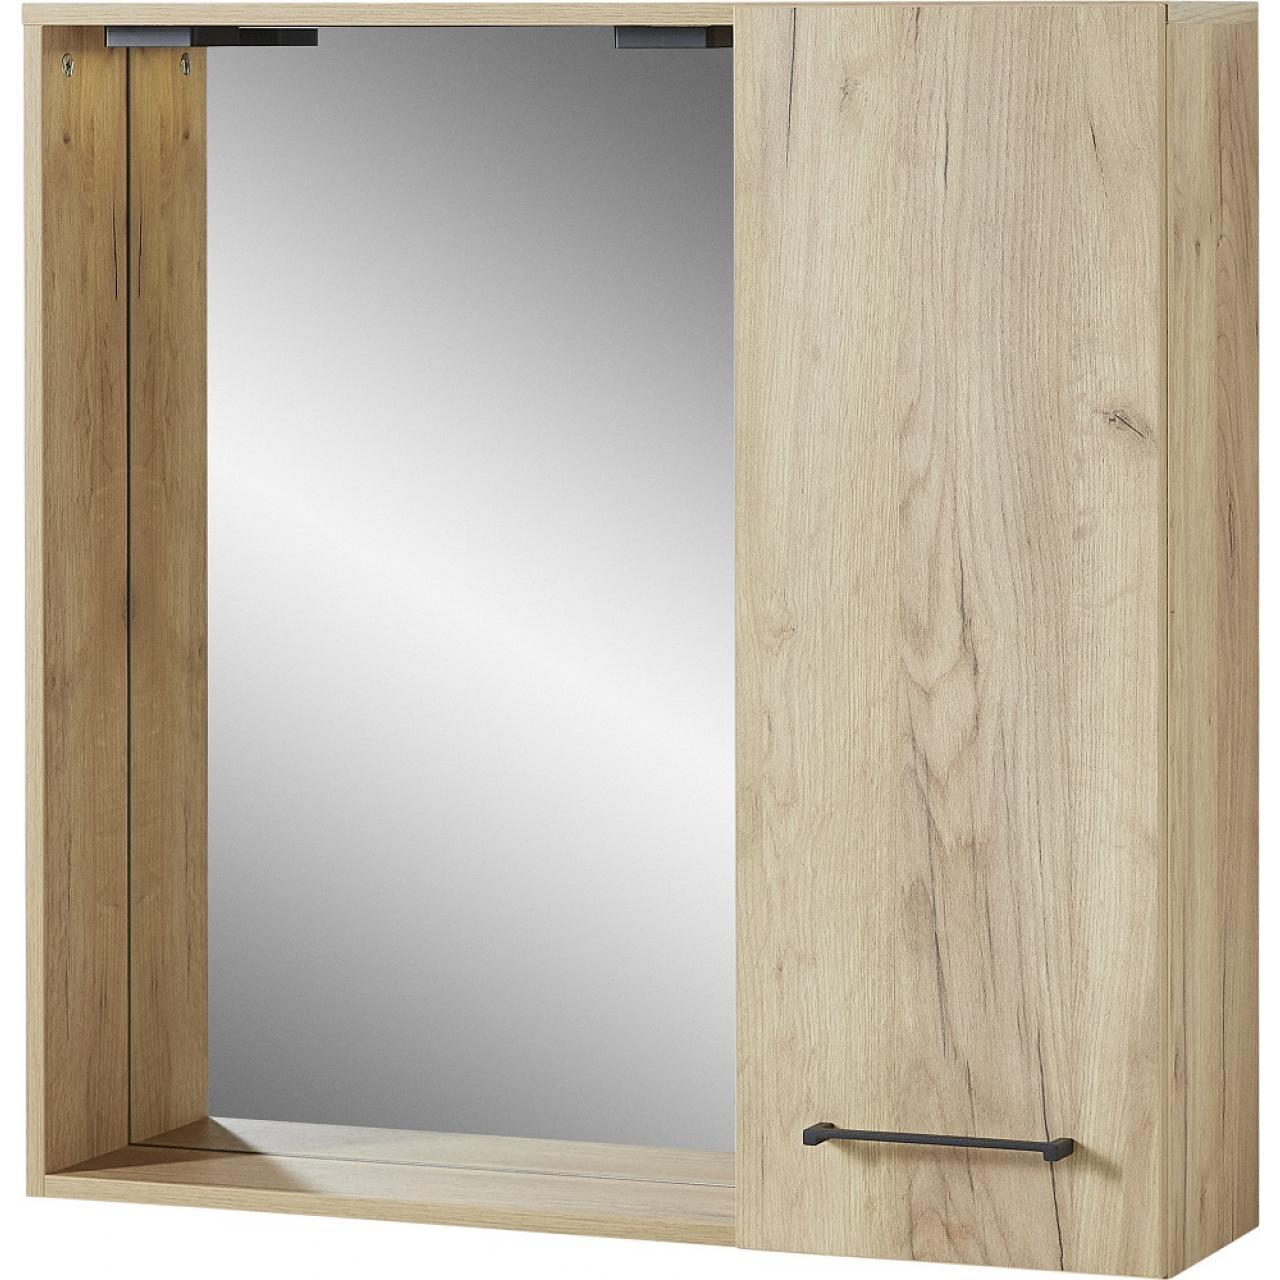 Spiegelschrank Gintano 8121 Badezimmer Badmöbel Eiche Navarro Nb ...